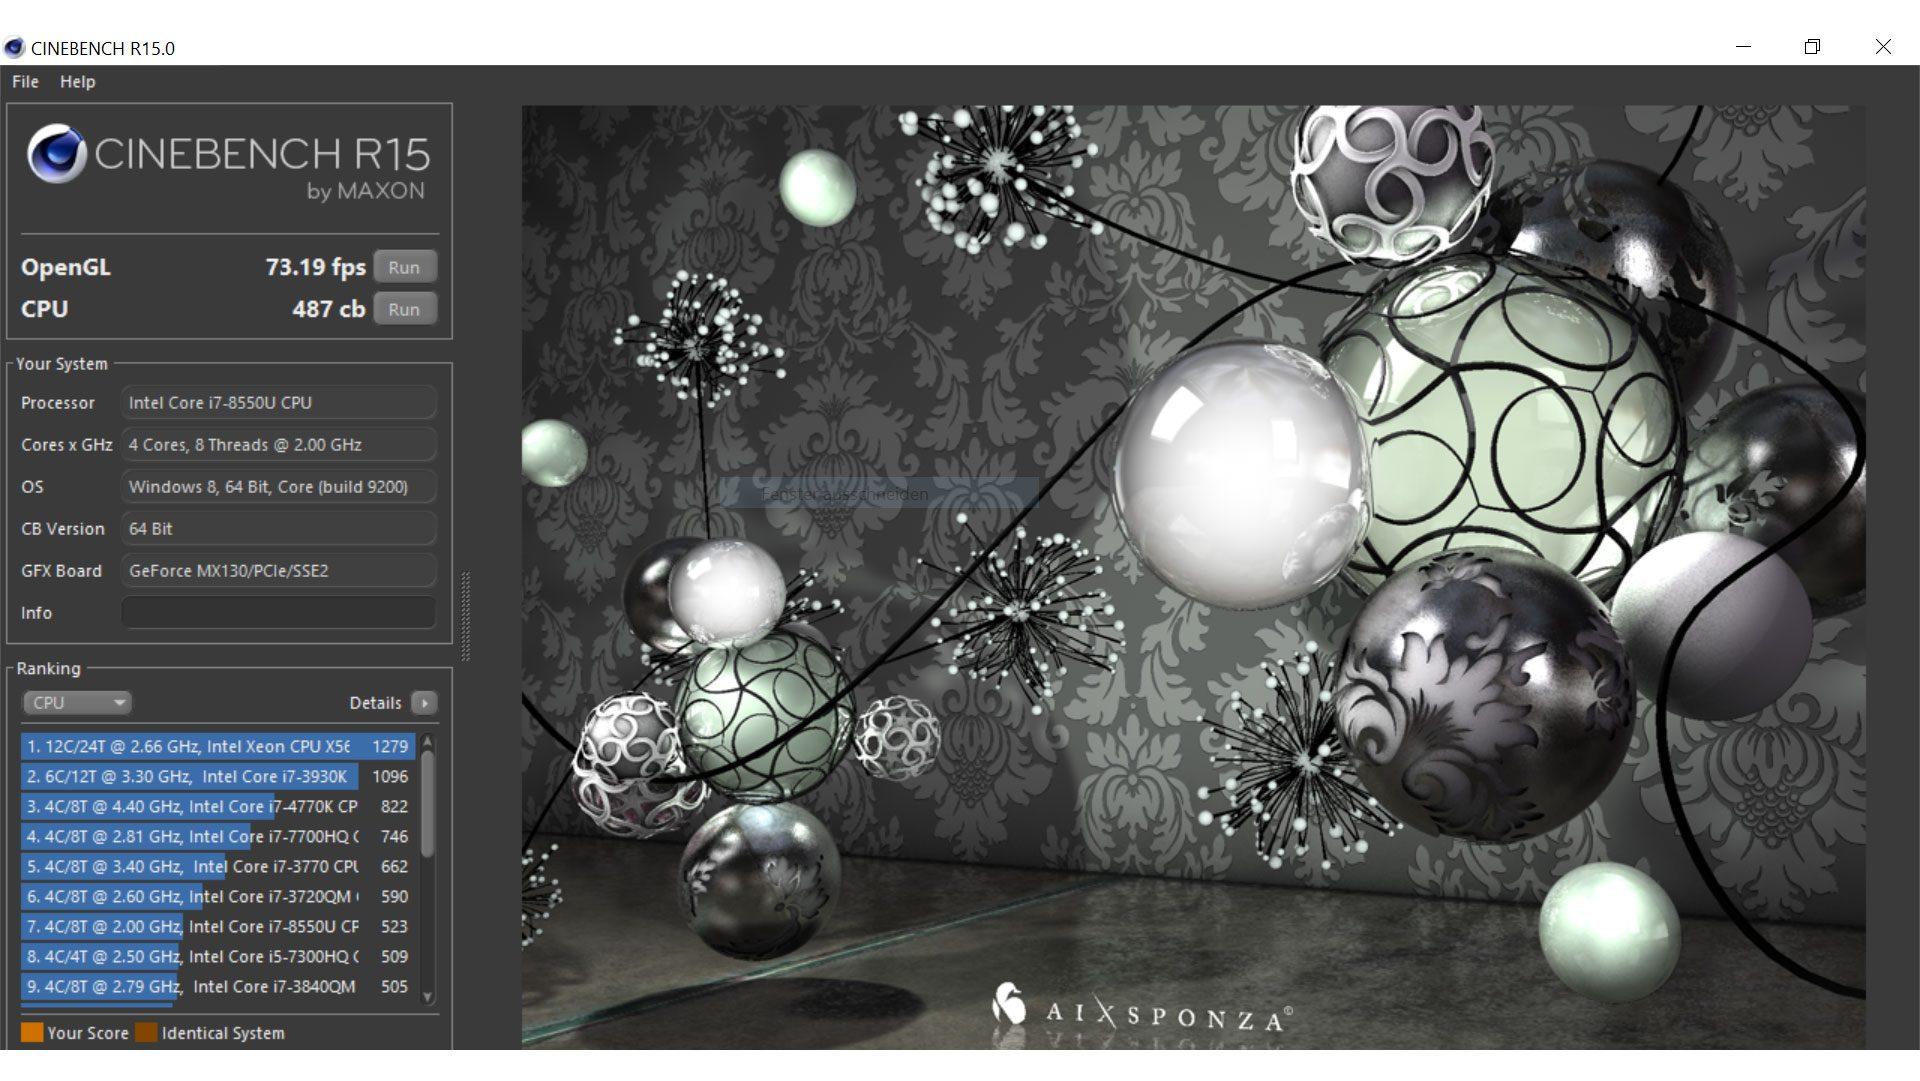 HP Pavilion x360 14-cd0005ng Benchmark_4